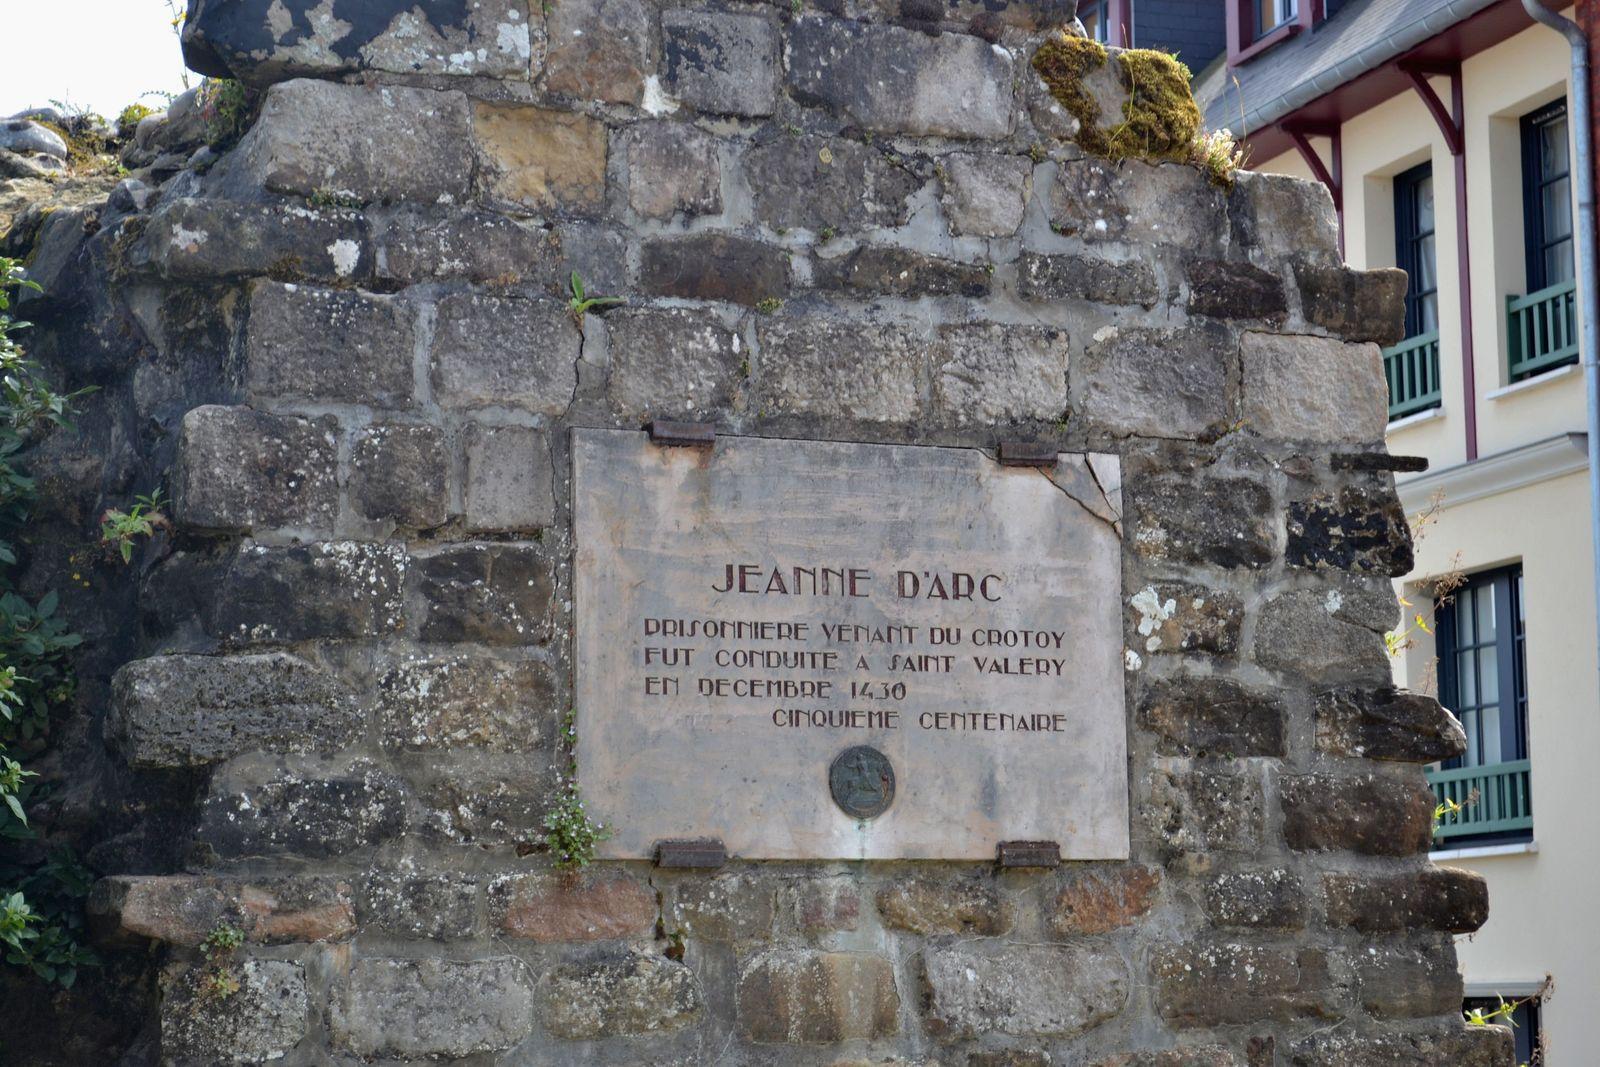 Une petite journée à Saint-Valéry-sur-Somme!